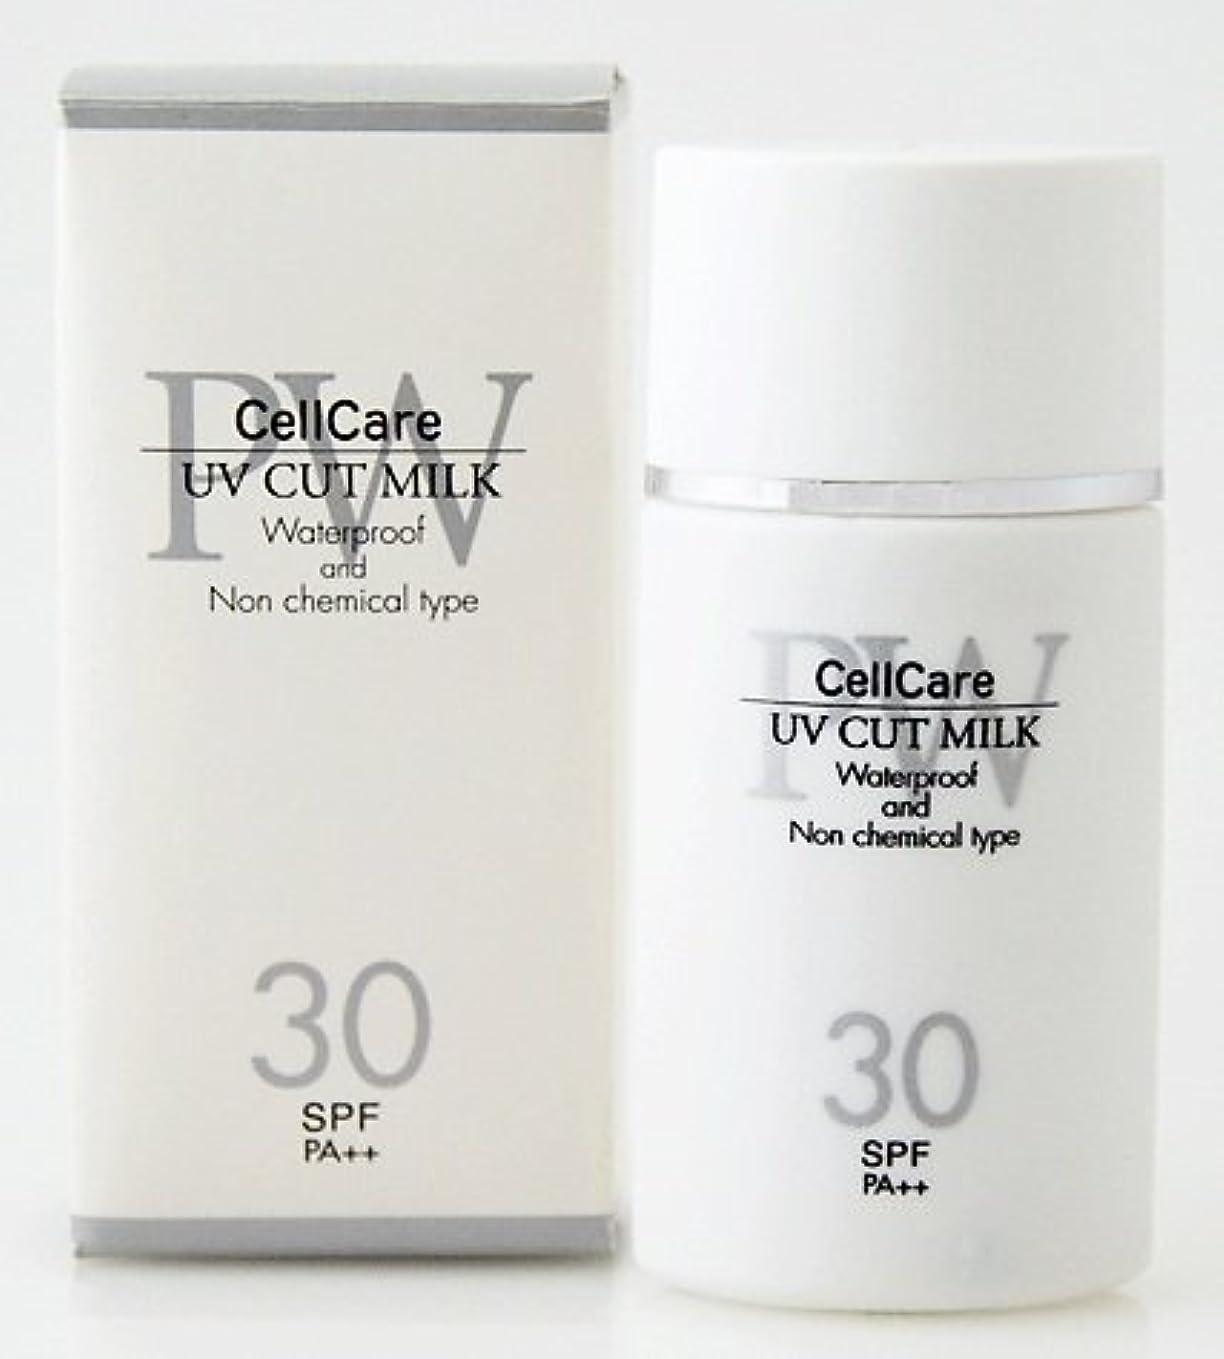 玉ねぎ気分が良い同じセルケア ピュアホワイト UVカットミルク 30g(日焼け止め乳液) SPF30 PA++ 保湿